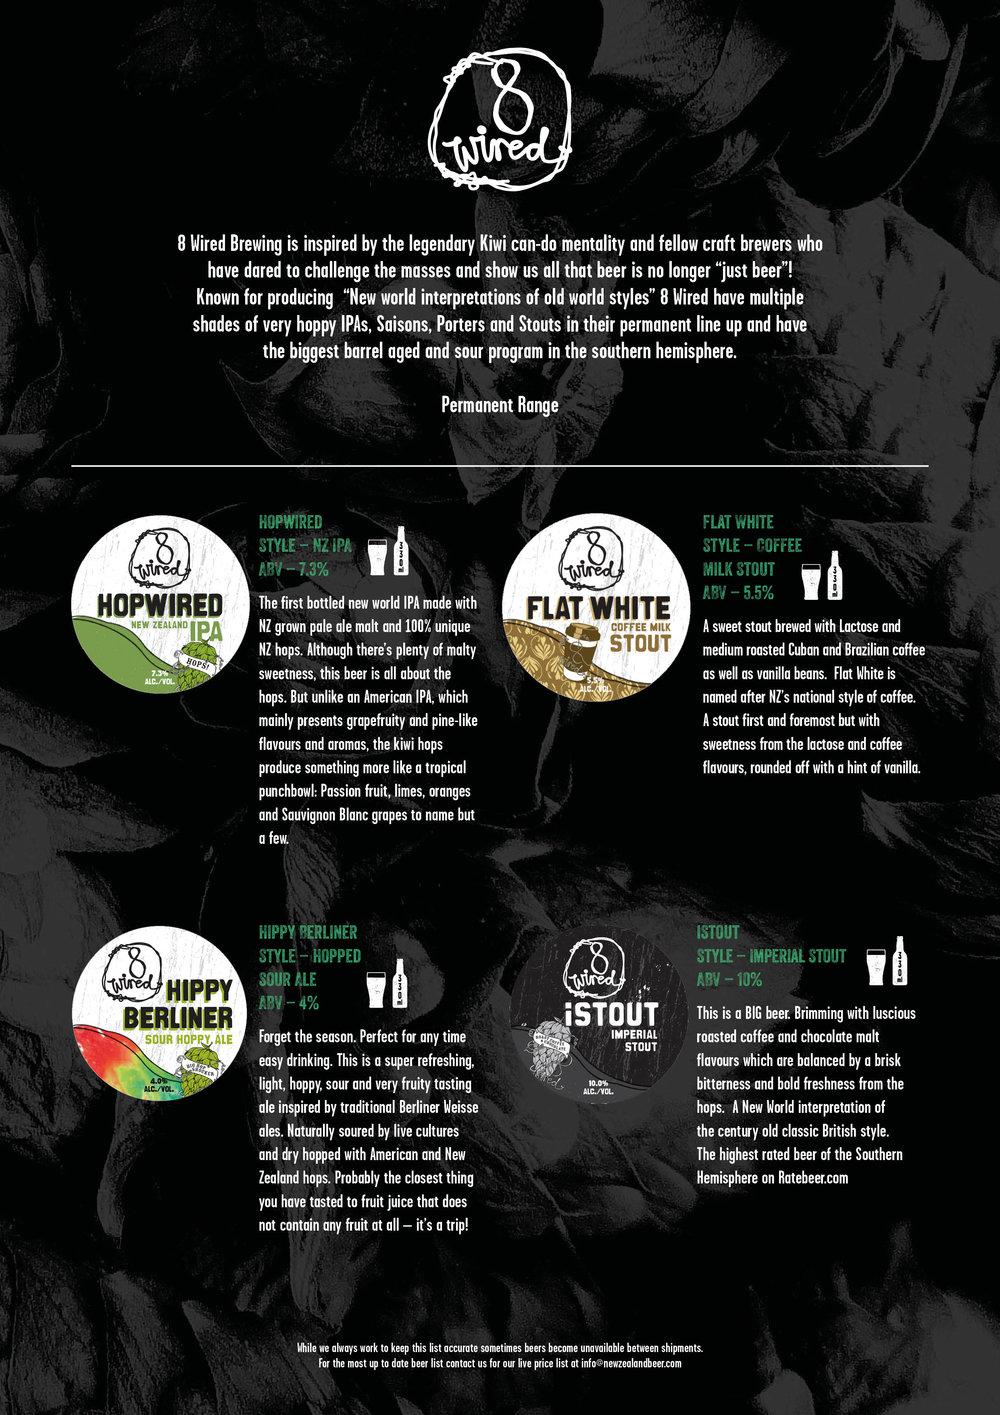 NewZealandBeer_Infographic_270920175.jpg